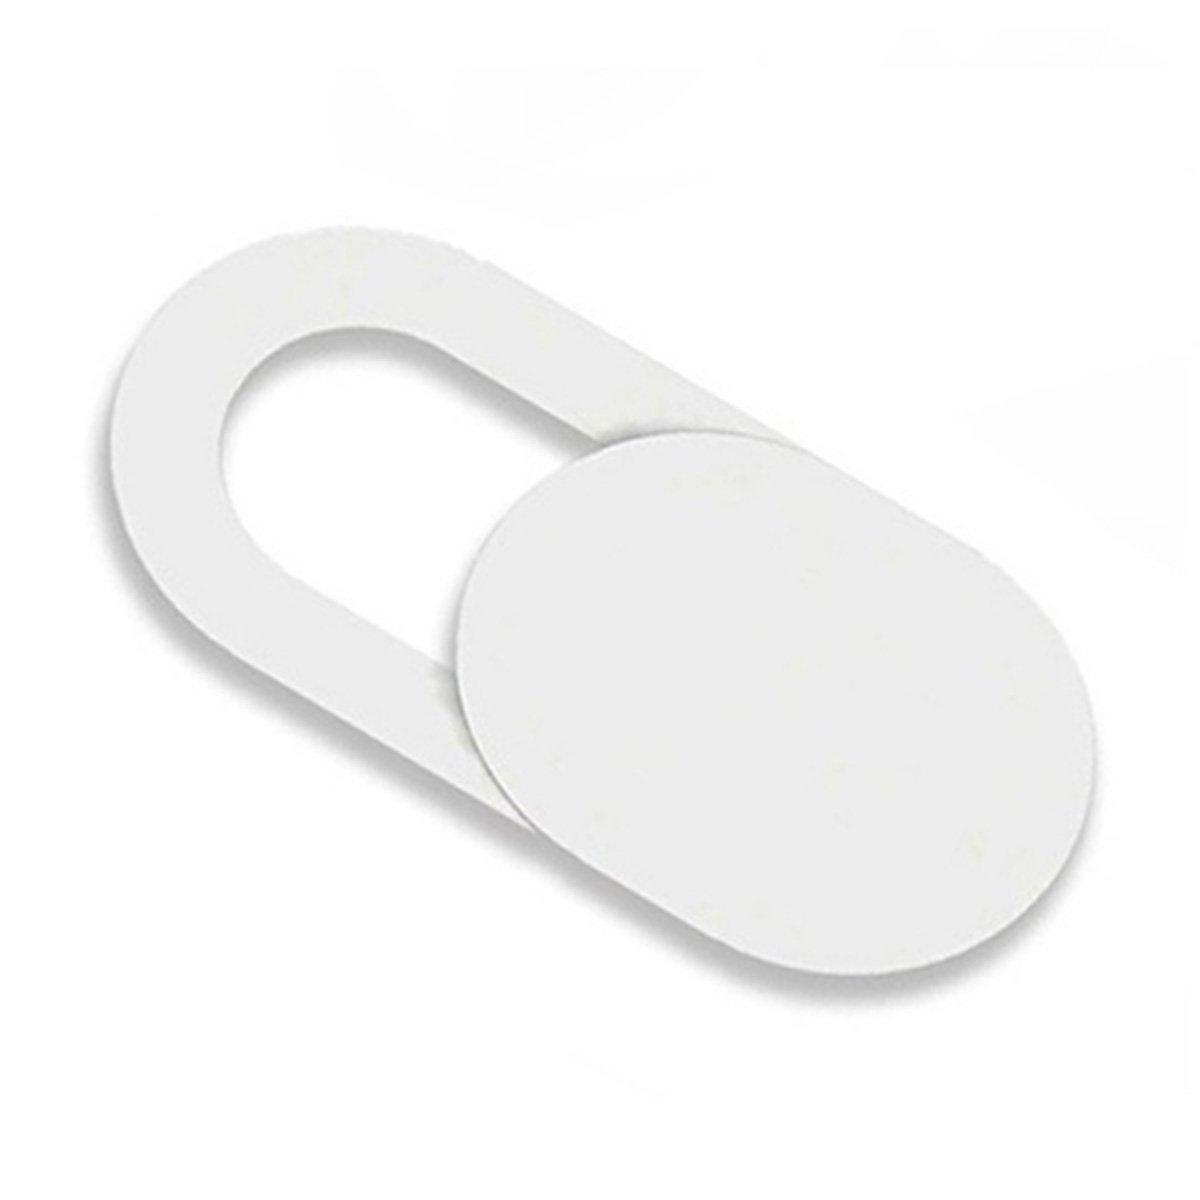 Mucjun 3pzs Pegatinas Escudo de Camara de plastico Proteccion de miradas Anti-Hacker para movil PC Tablet PC Ordenador portatil Cubierta de privacidad Negro